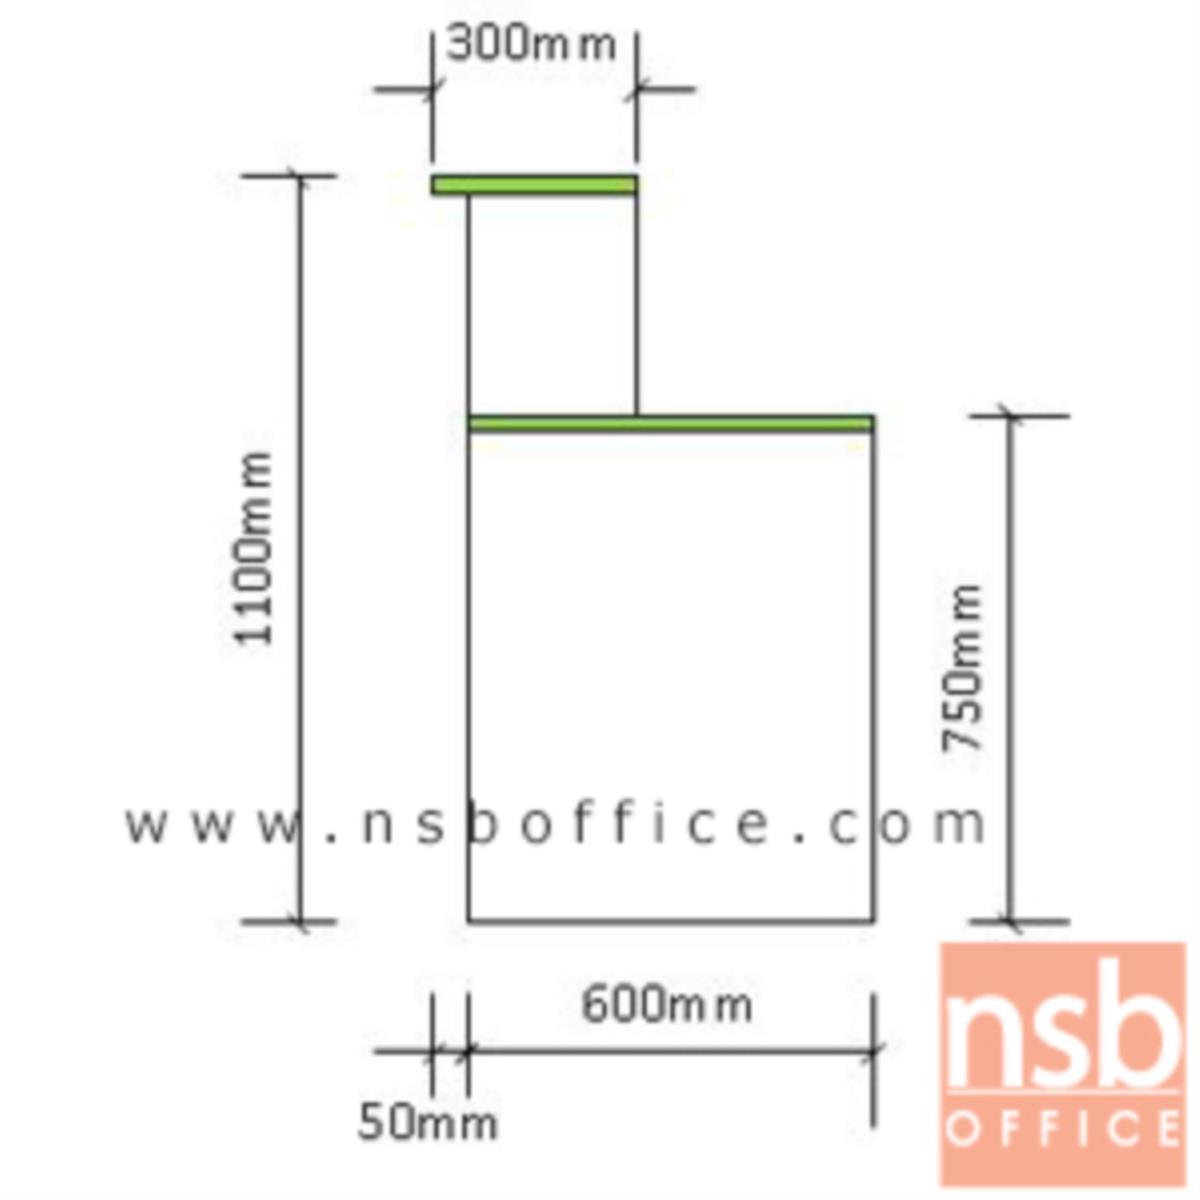 เคาเตอร์หน้าตรง 4 ลิ้นชัก รุ่น Bvlgari (บูลการี) 120W ,135W ,150W ,180W cm.  เมลามีน